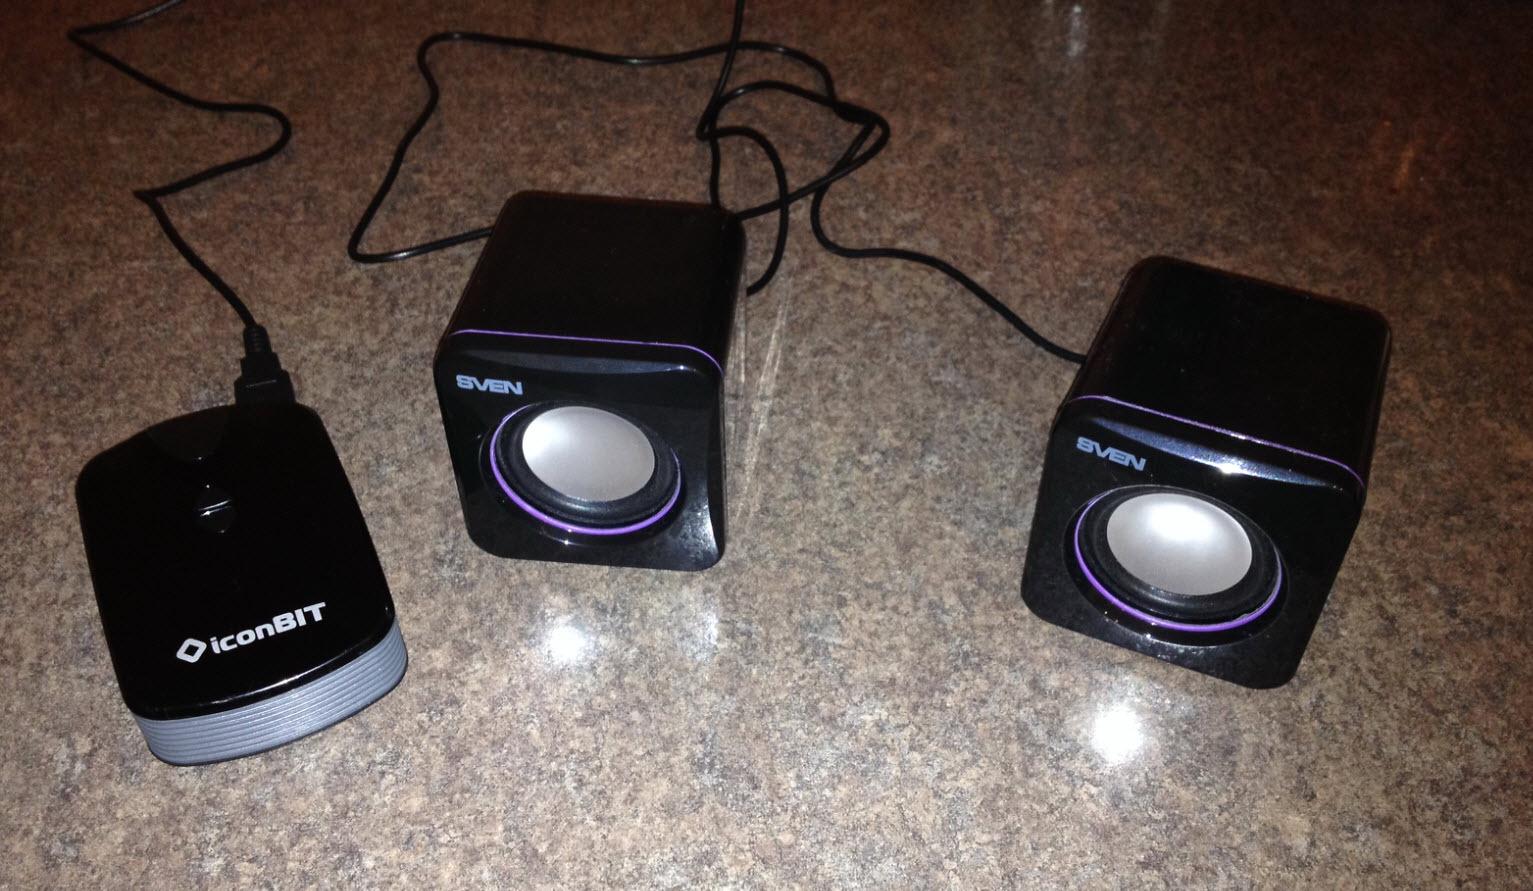 Портативные Bluetooth колонки за 20 баксов и 30 минут. Делаем сами - 10